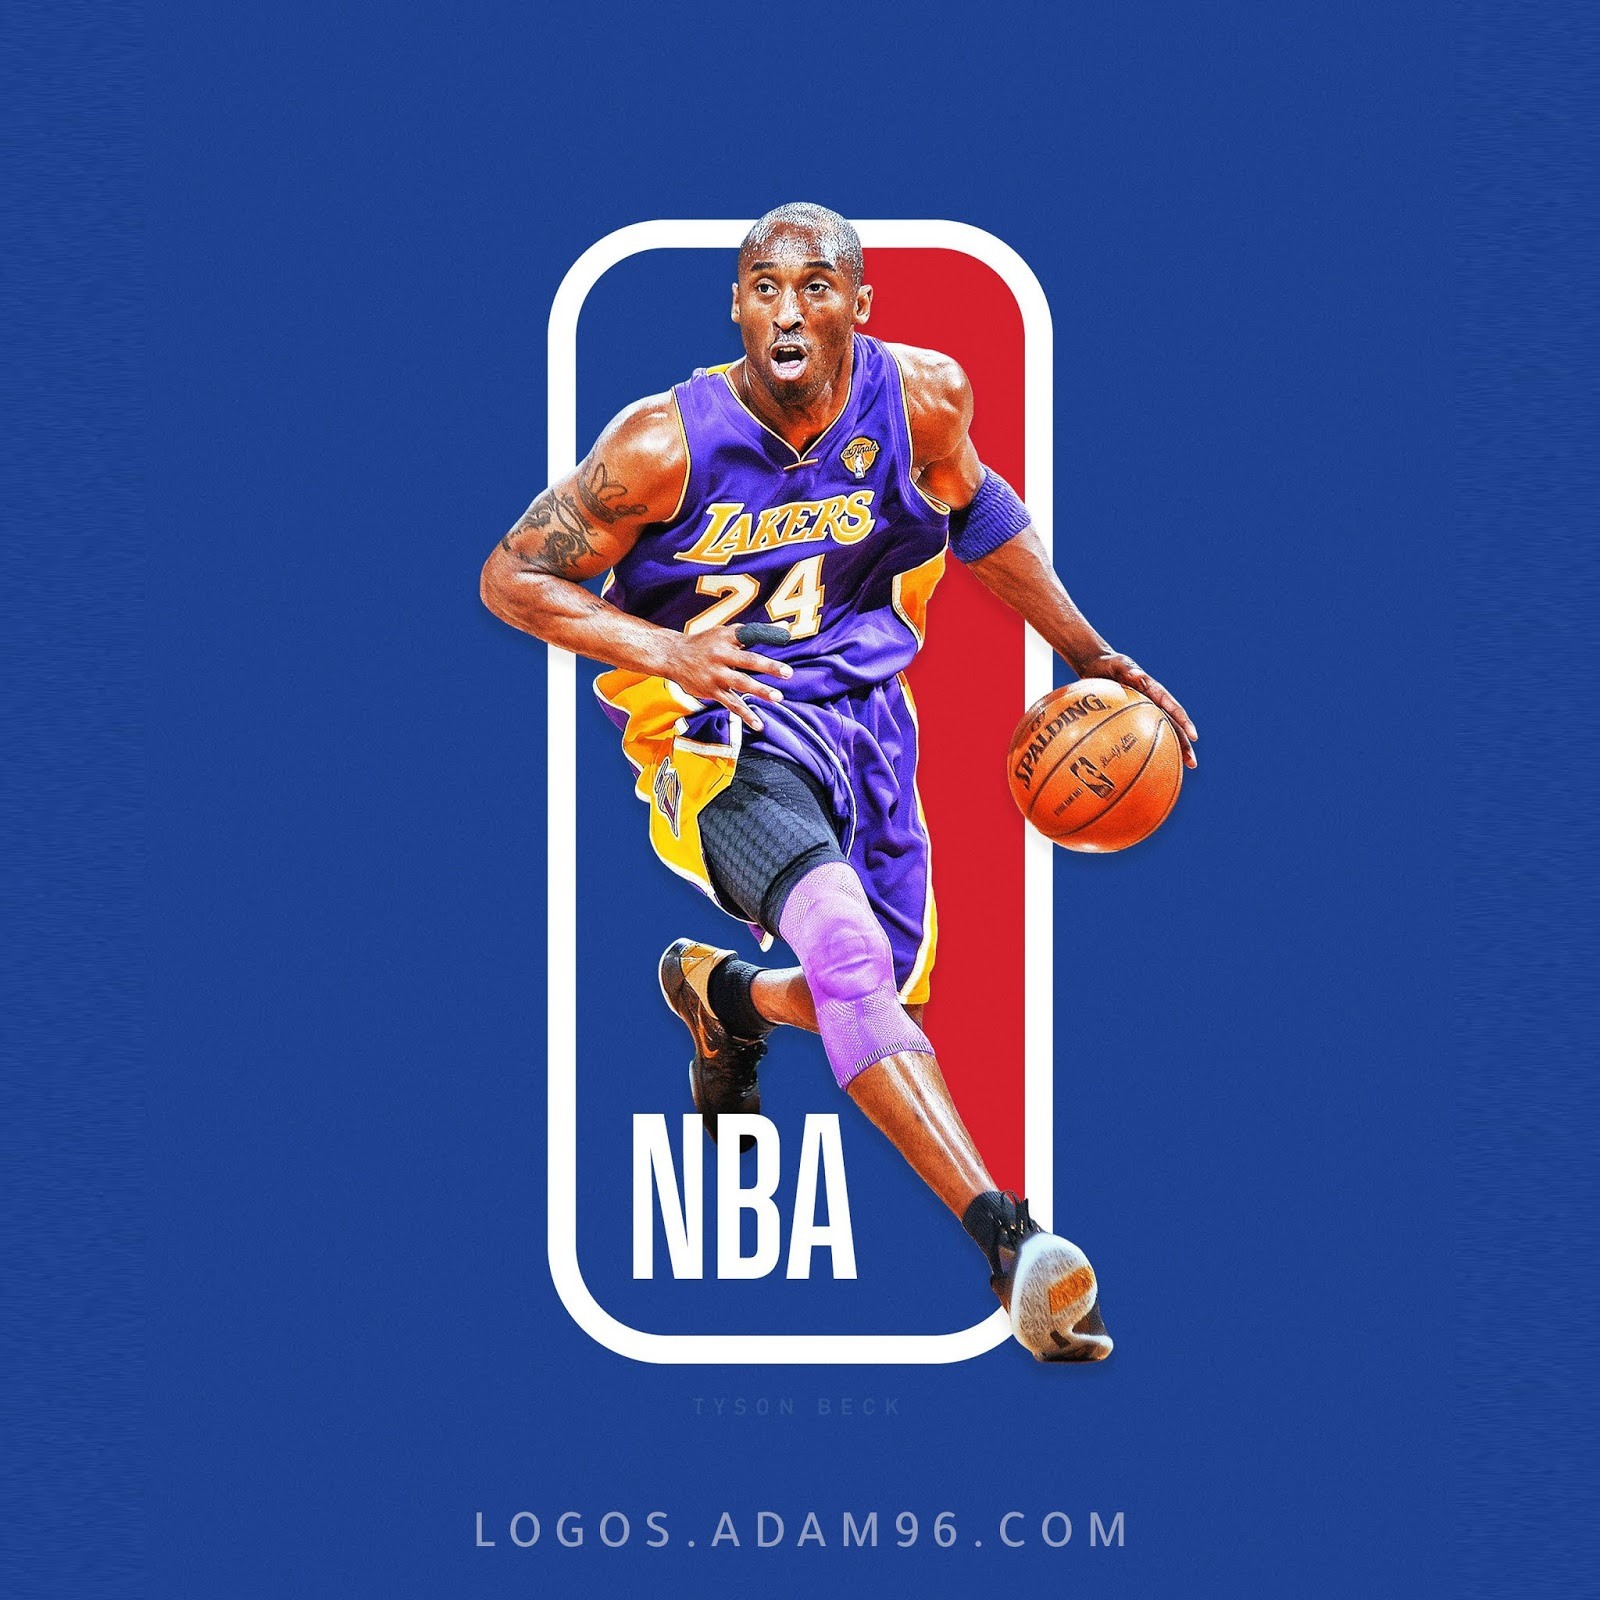 New NBA